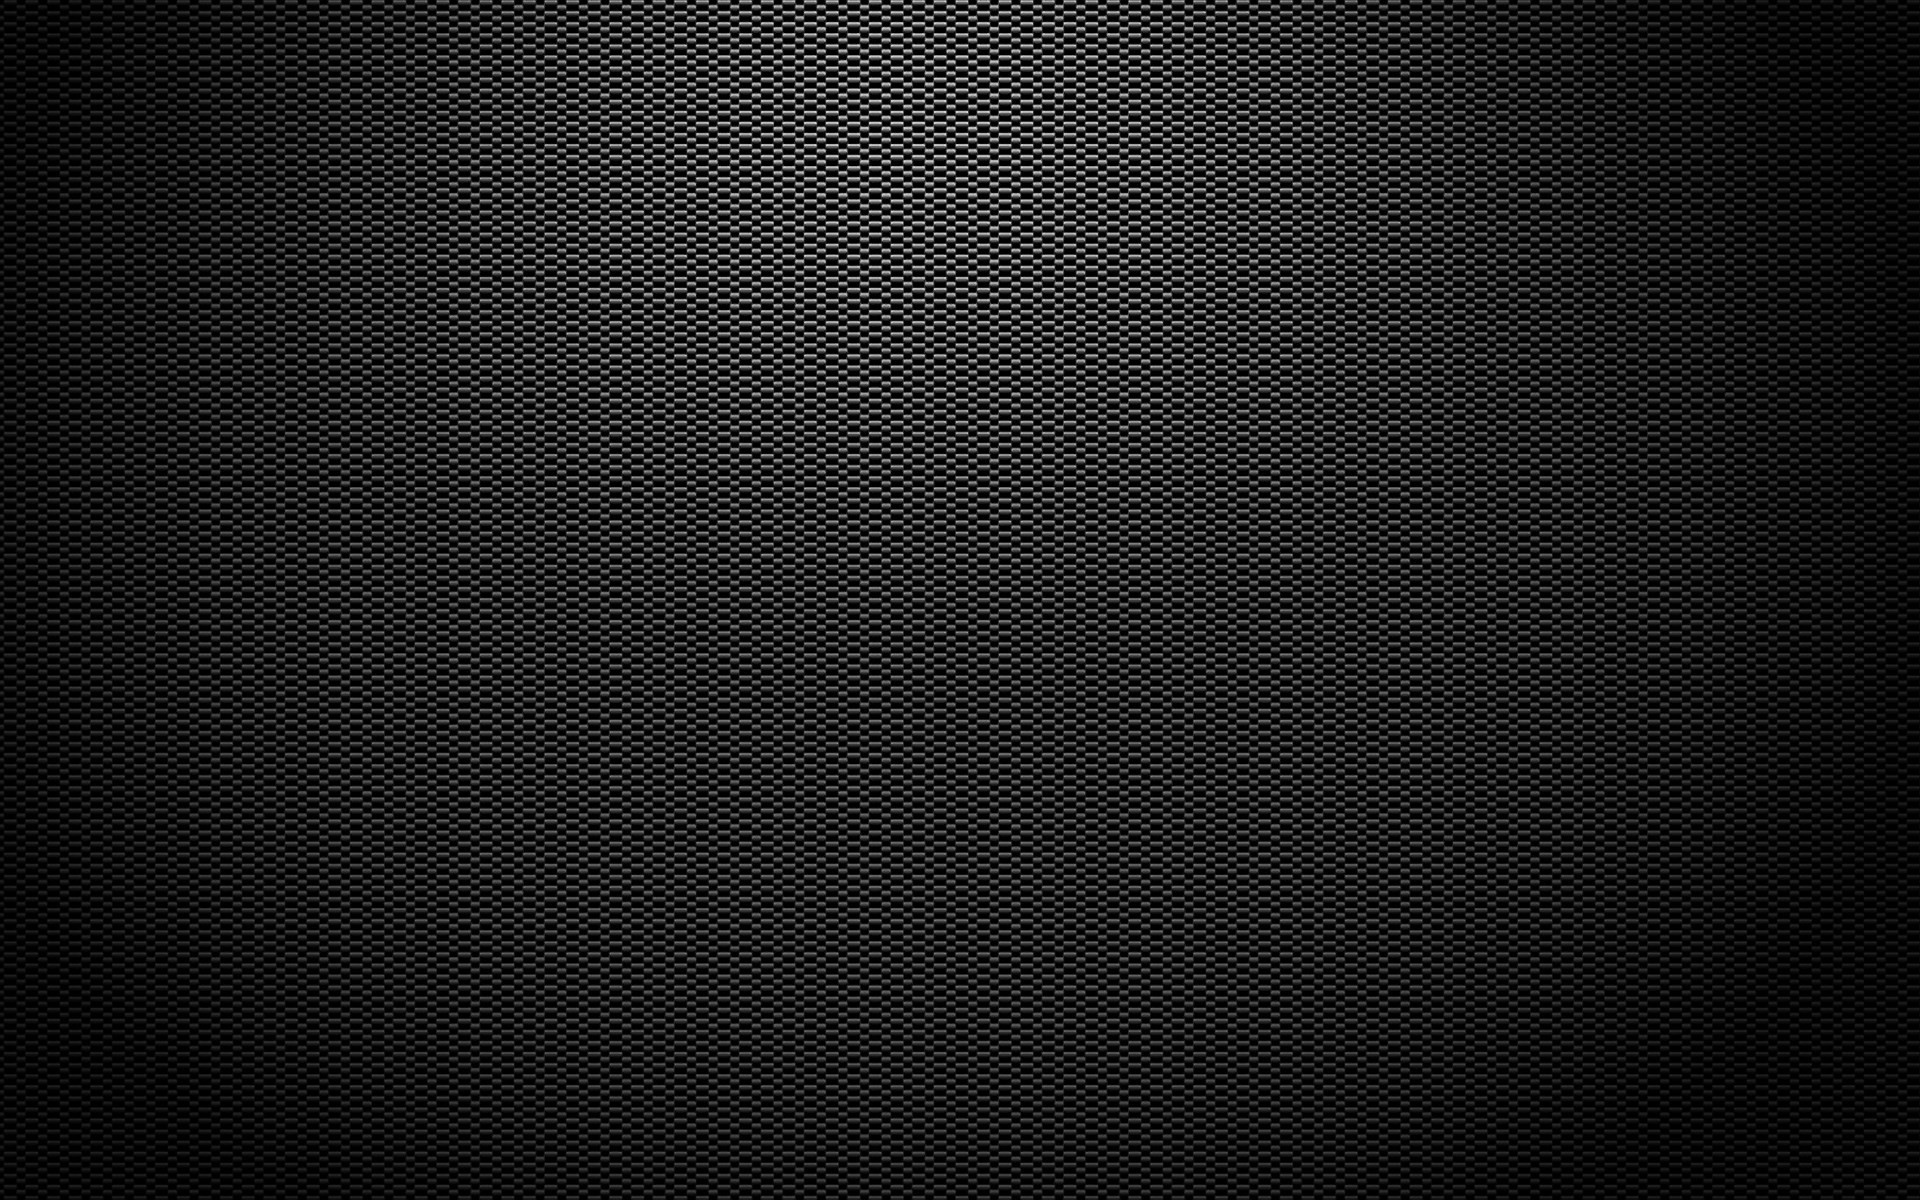 Carbon Fibre Wallpapers – Wallpaper Cave